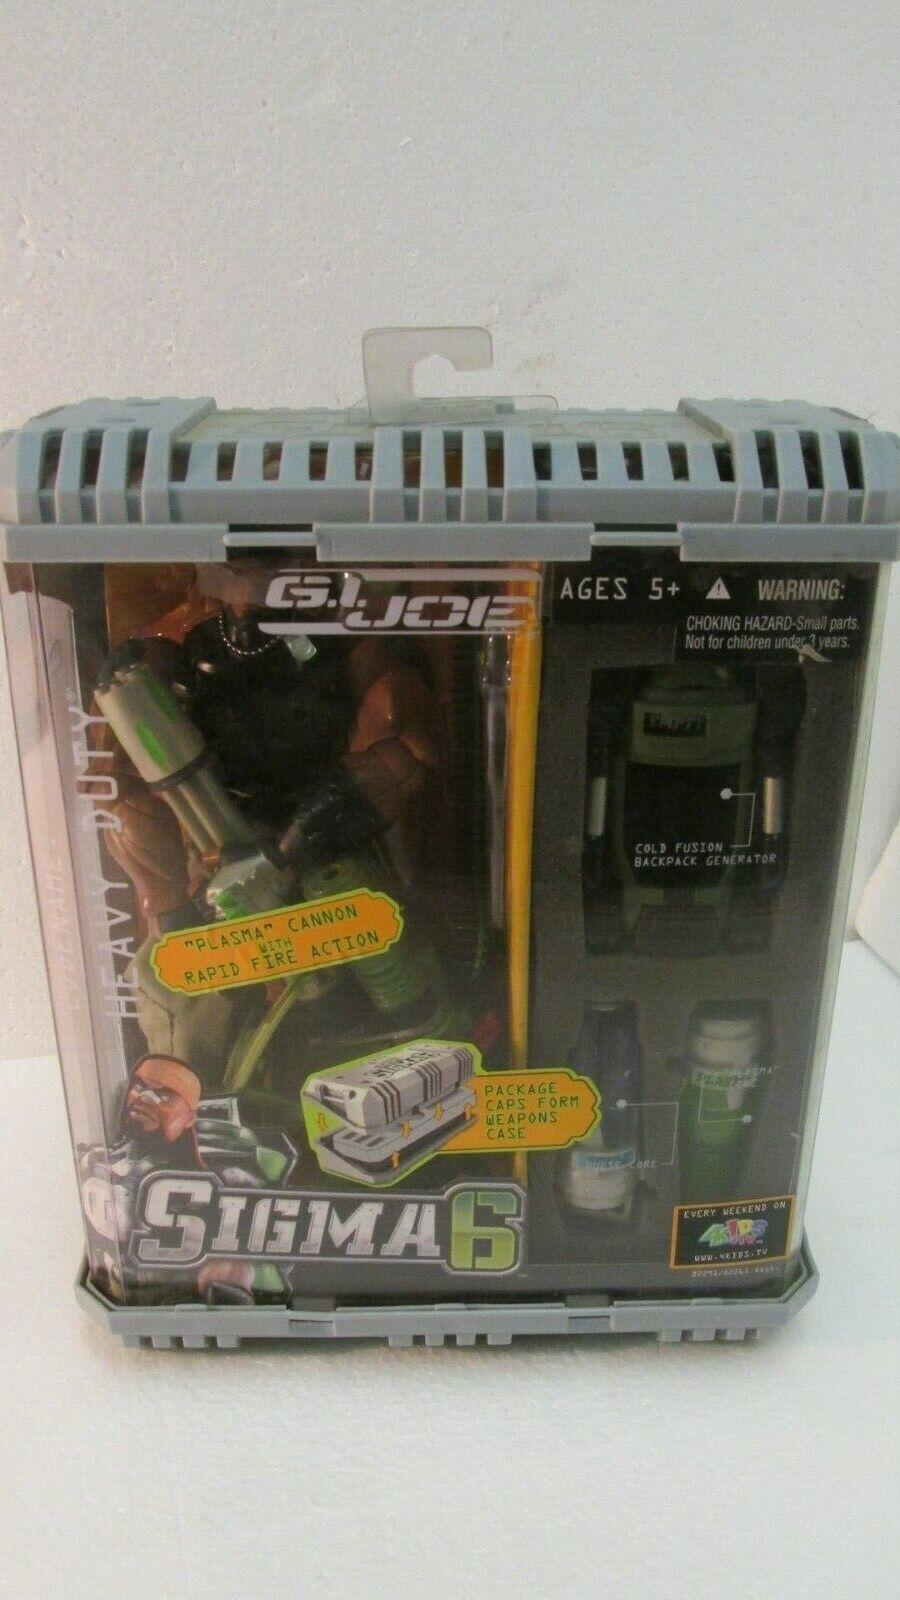 G.I. Joe Sigma 6 Code Name Heavy Duty With Plasma Cannon By Hasbro 2005 NEW t307